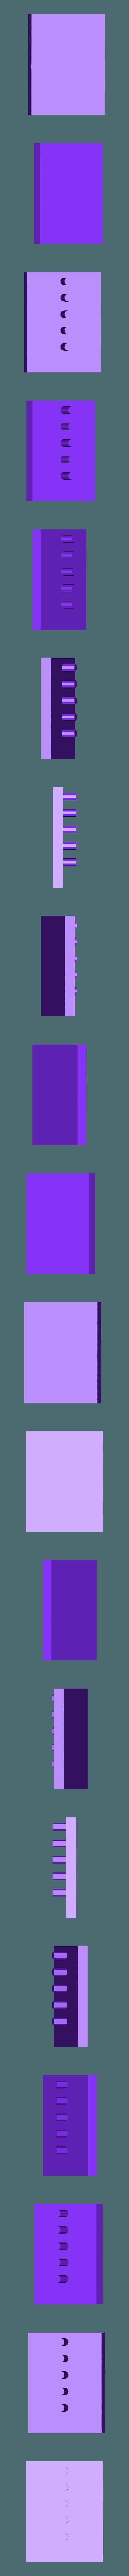 Lid2.stl Télécharger fichier STL gratuit Boîte de casse-tête combinée • Modèle à imprimer en 3D, mtairymd